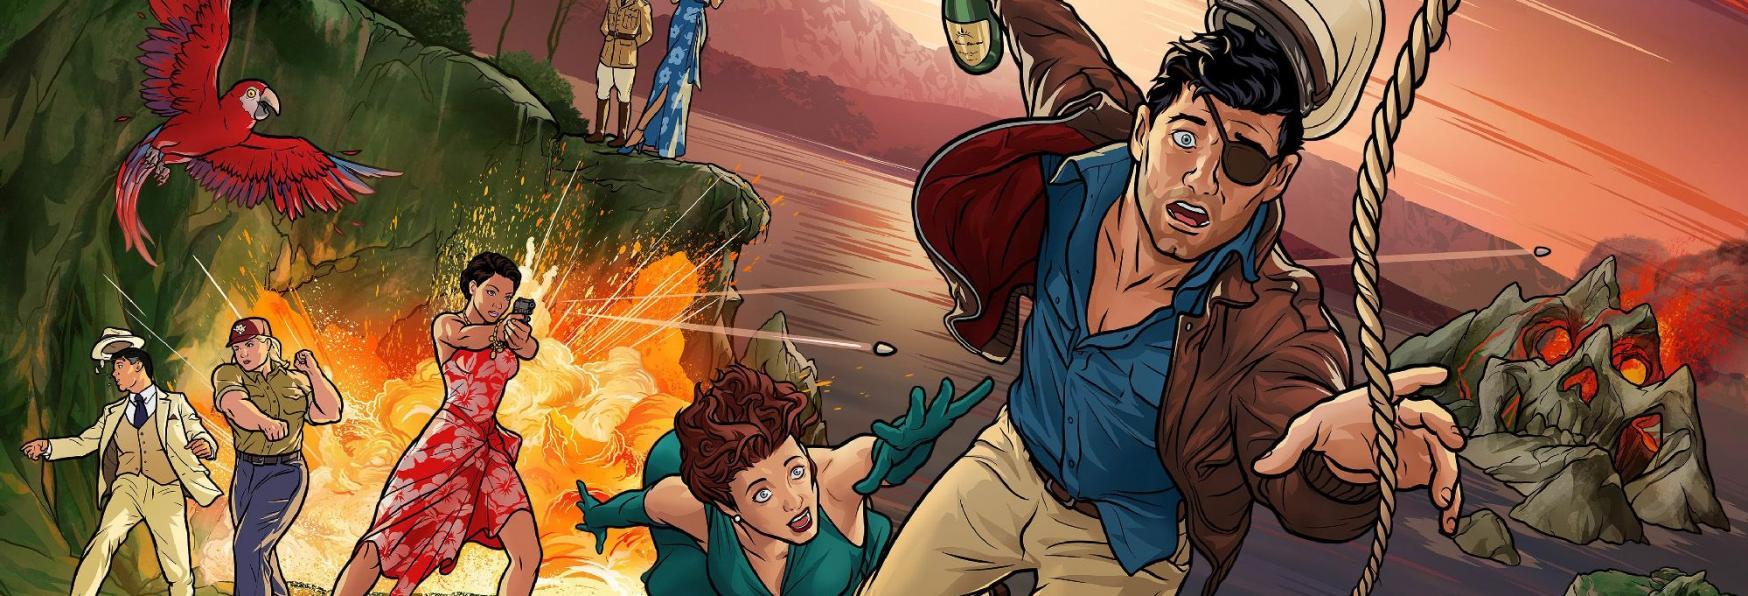 Archer 12: Svelata la Data di Uscita della nuova Stagione della Serie Animata